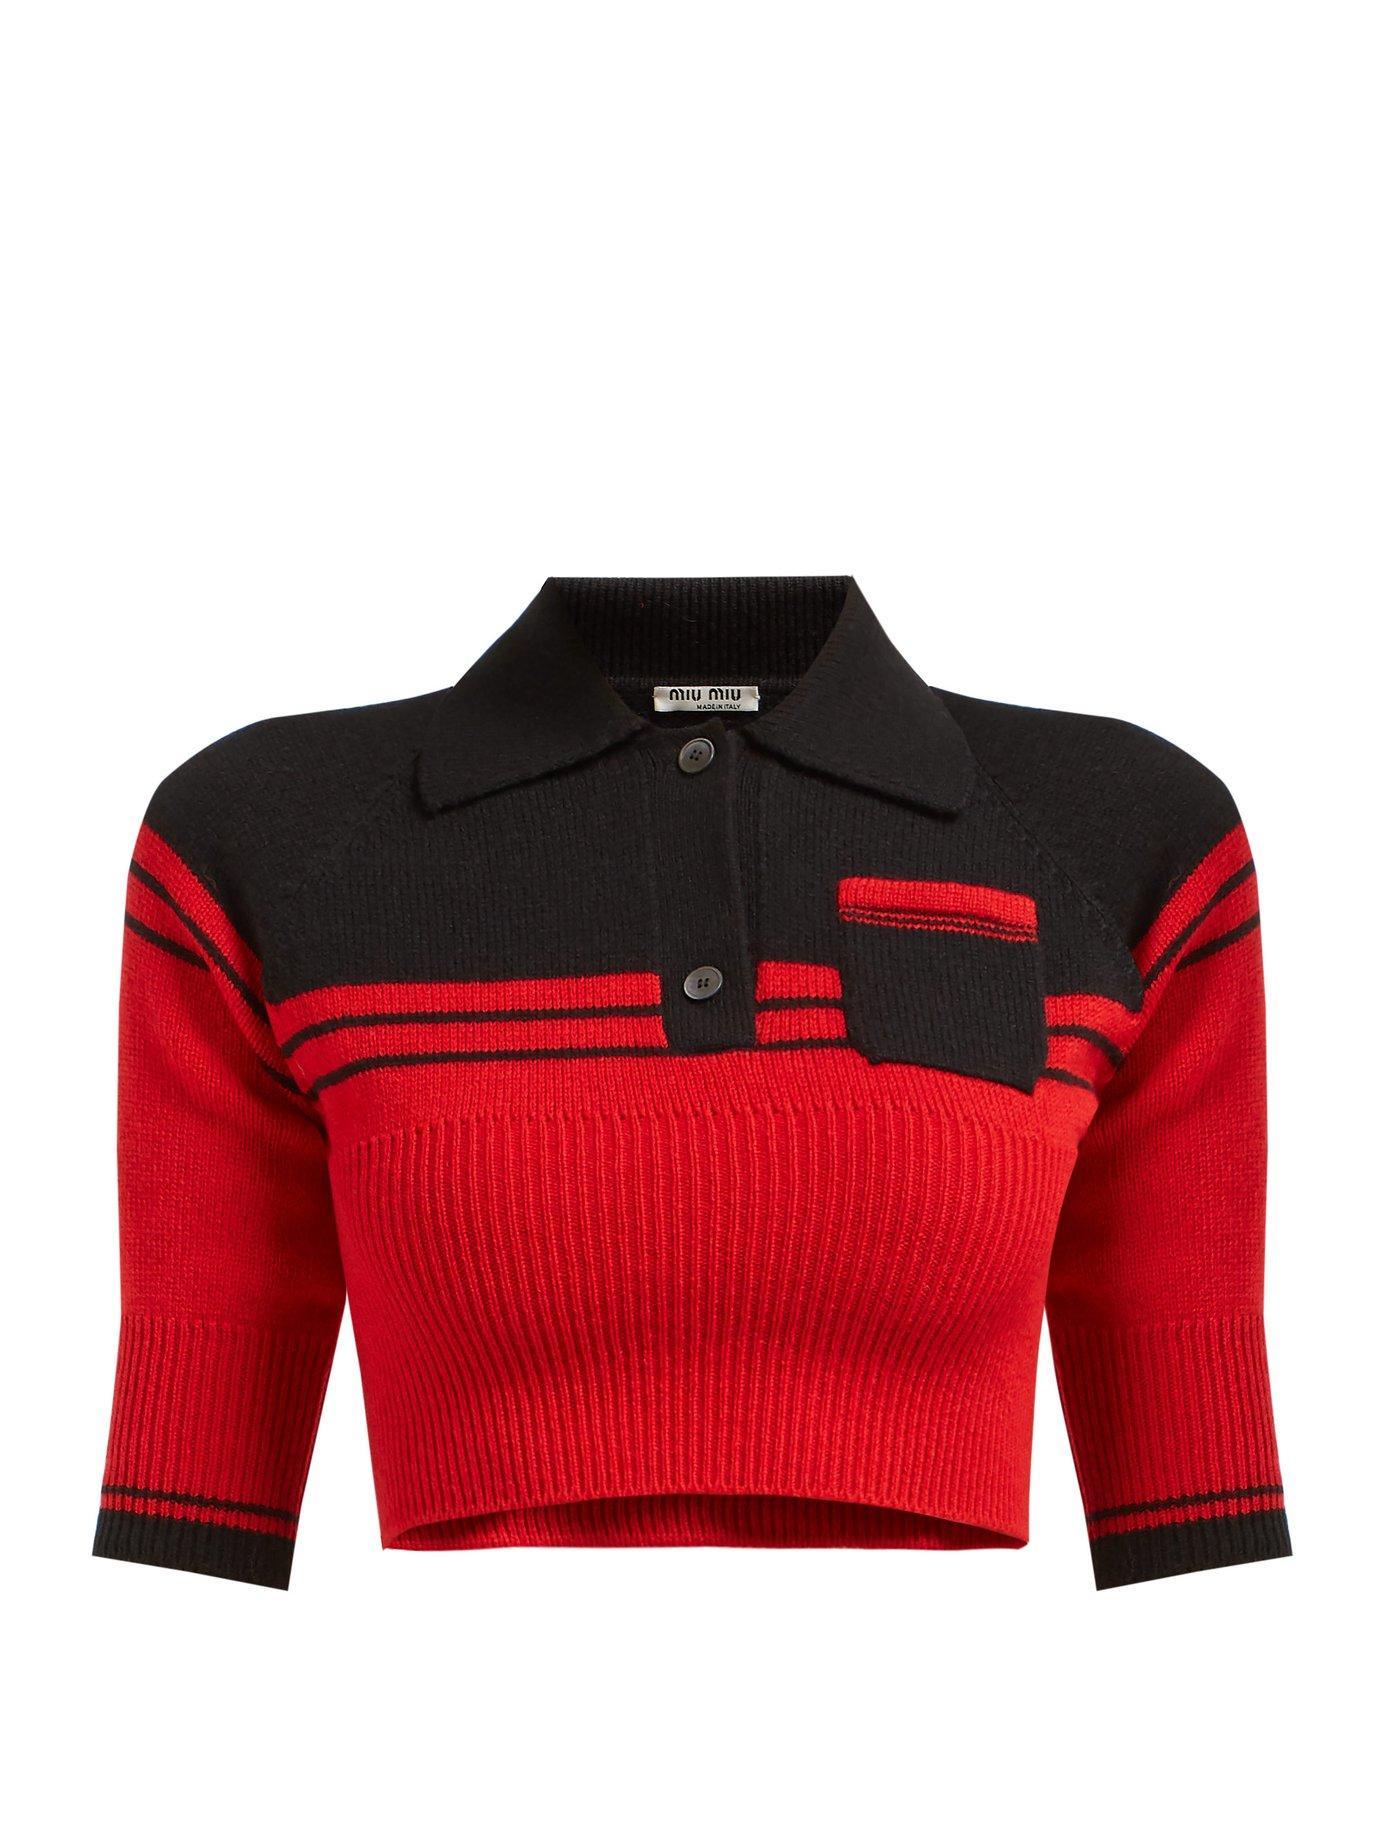 bdfc65ebbf57 Lyst - Miu Miu Block Colour Cropped Cashmere Sweater in Red